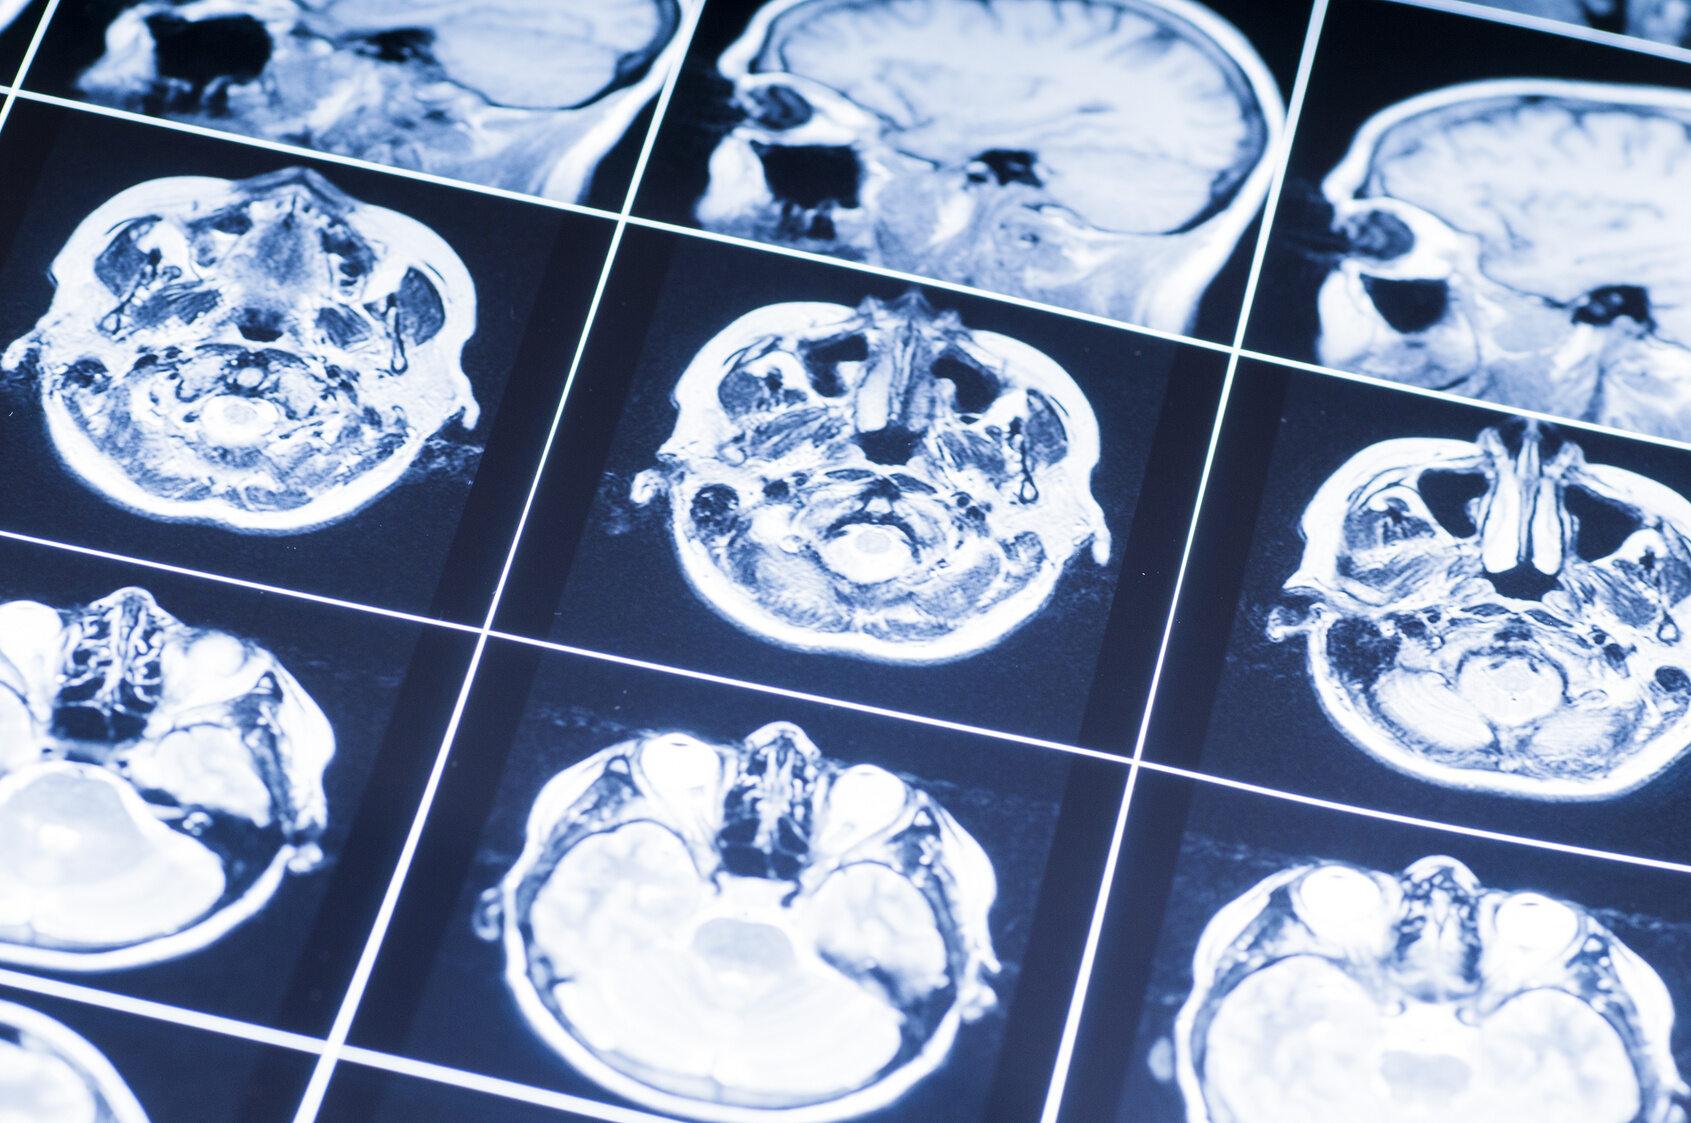 Która część mózgu kontroluje ruch?